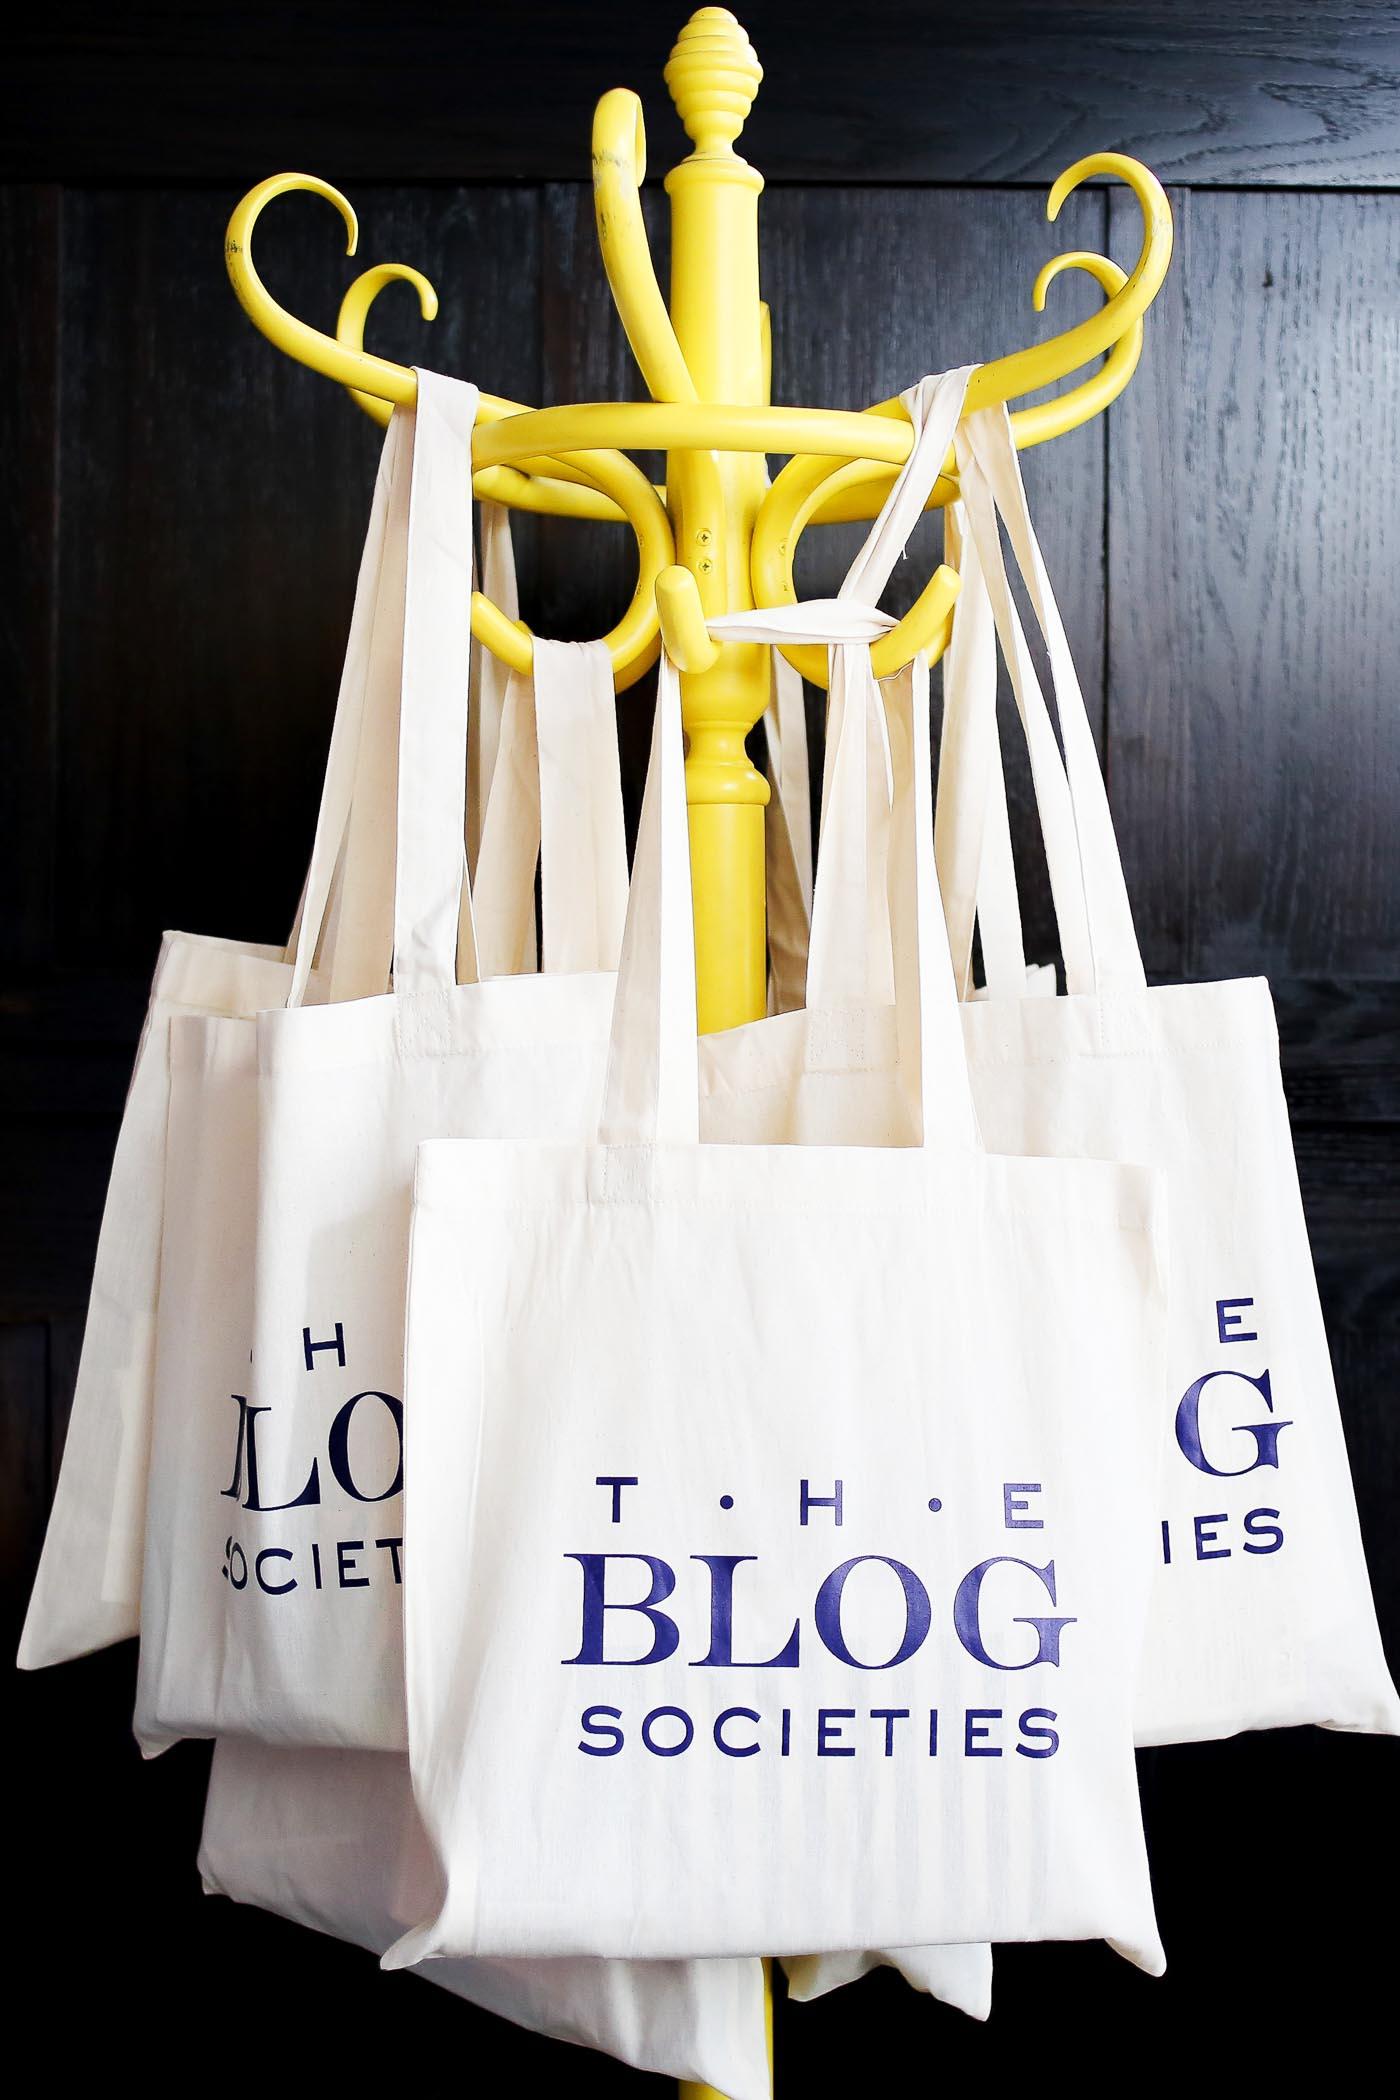 best blogging workshops, The Blog Societies